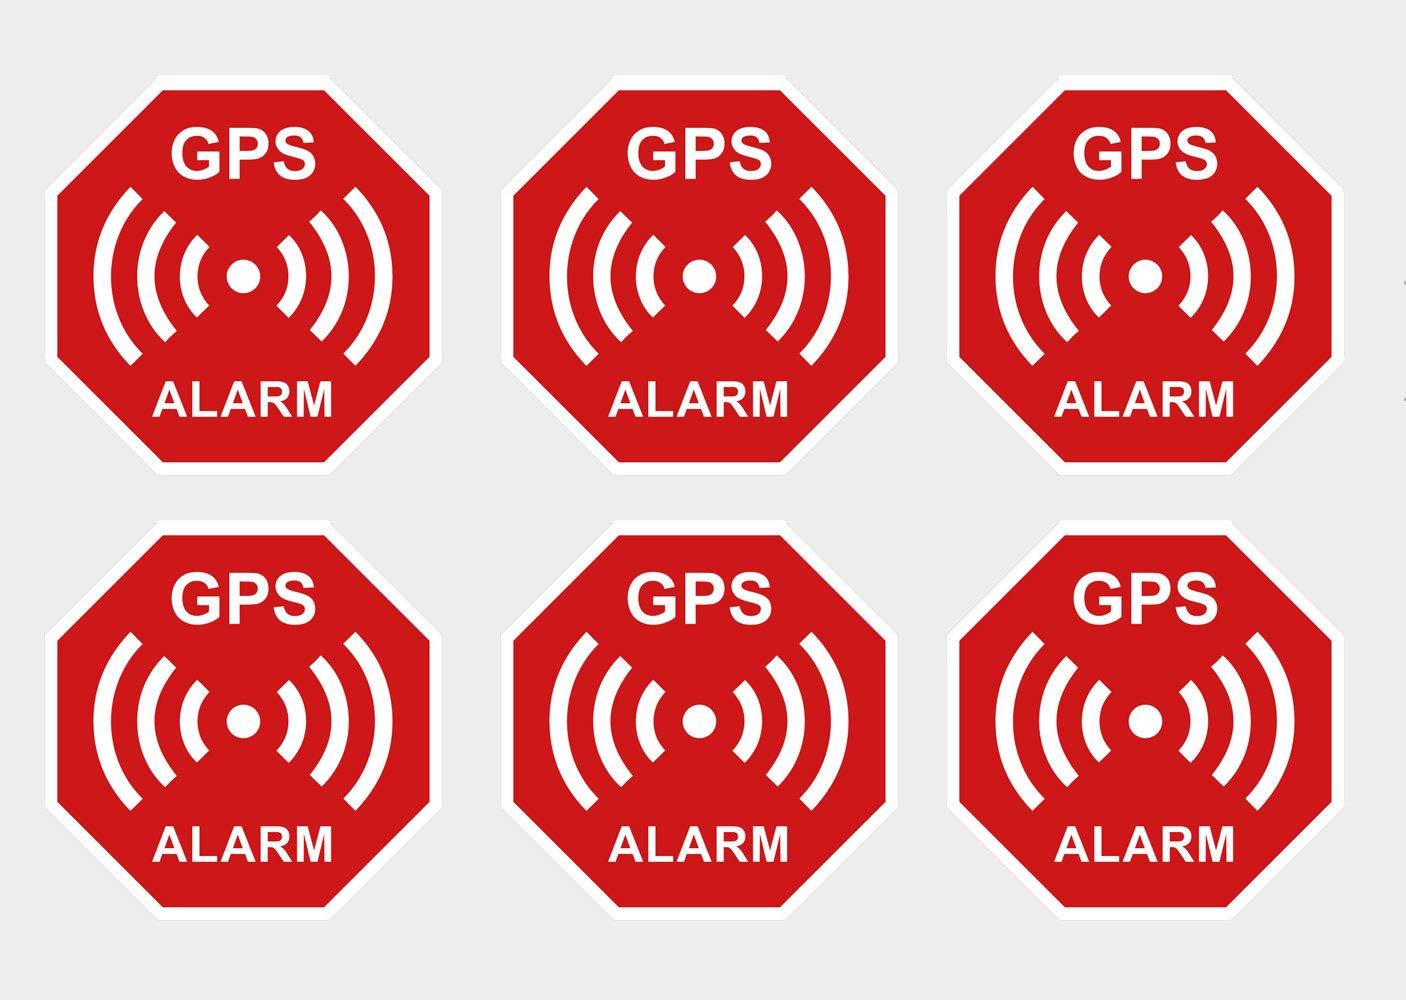 Lot de 6 Autocollants de qualit/é sup/érieure pour Alarme GPS R/ésistant aux UV R/ésistant aux intemp/éries Alerte de s/écurit/é